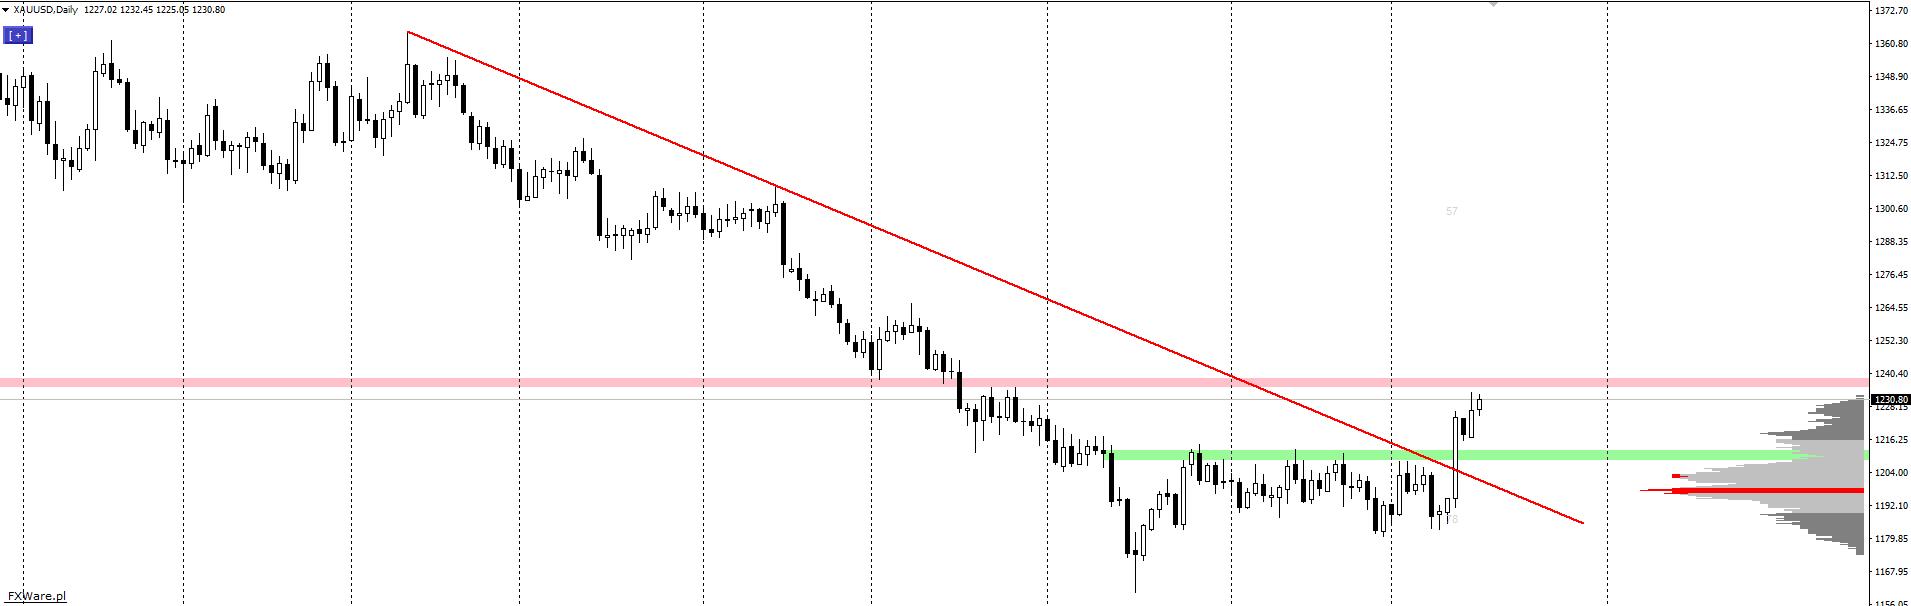 Kontynuacja wzrostów na złocie. Co dalej?